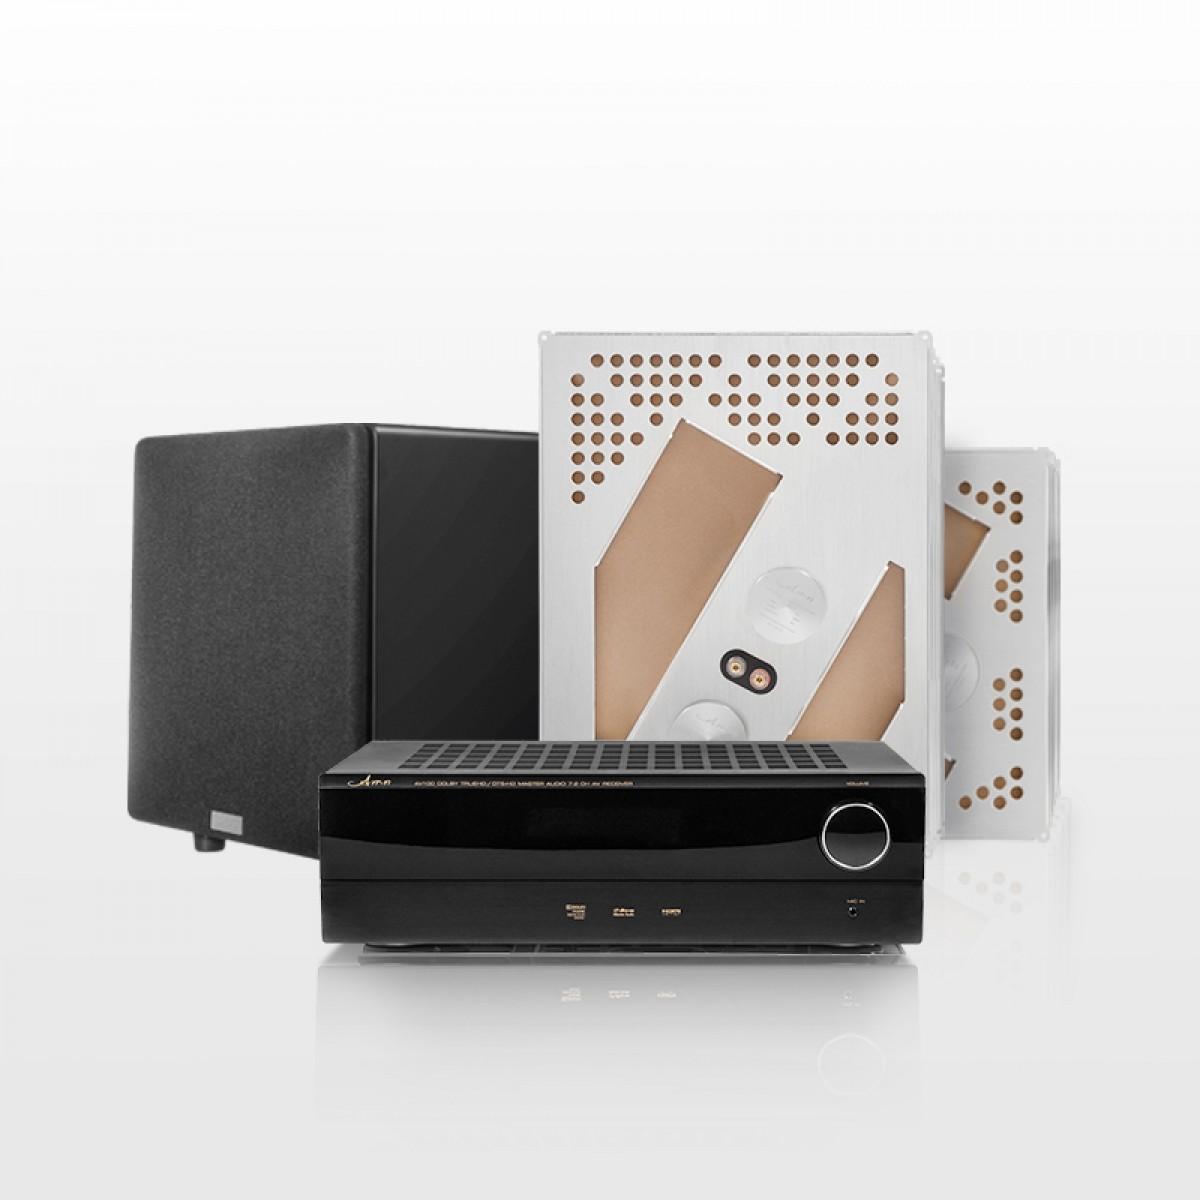 阿米纳 AMN 隐形式家庭影院7.1声道套装 家用音响系统